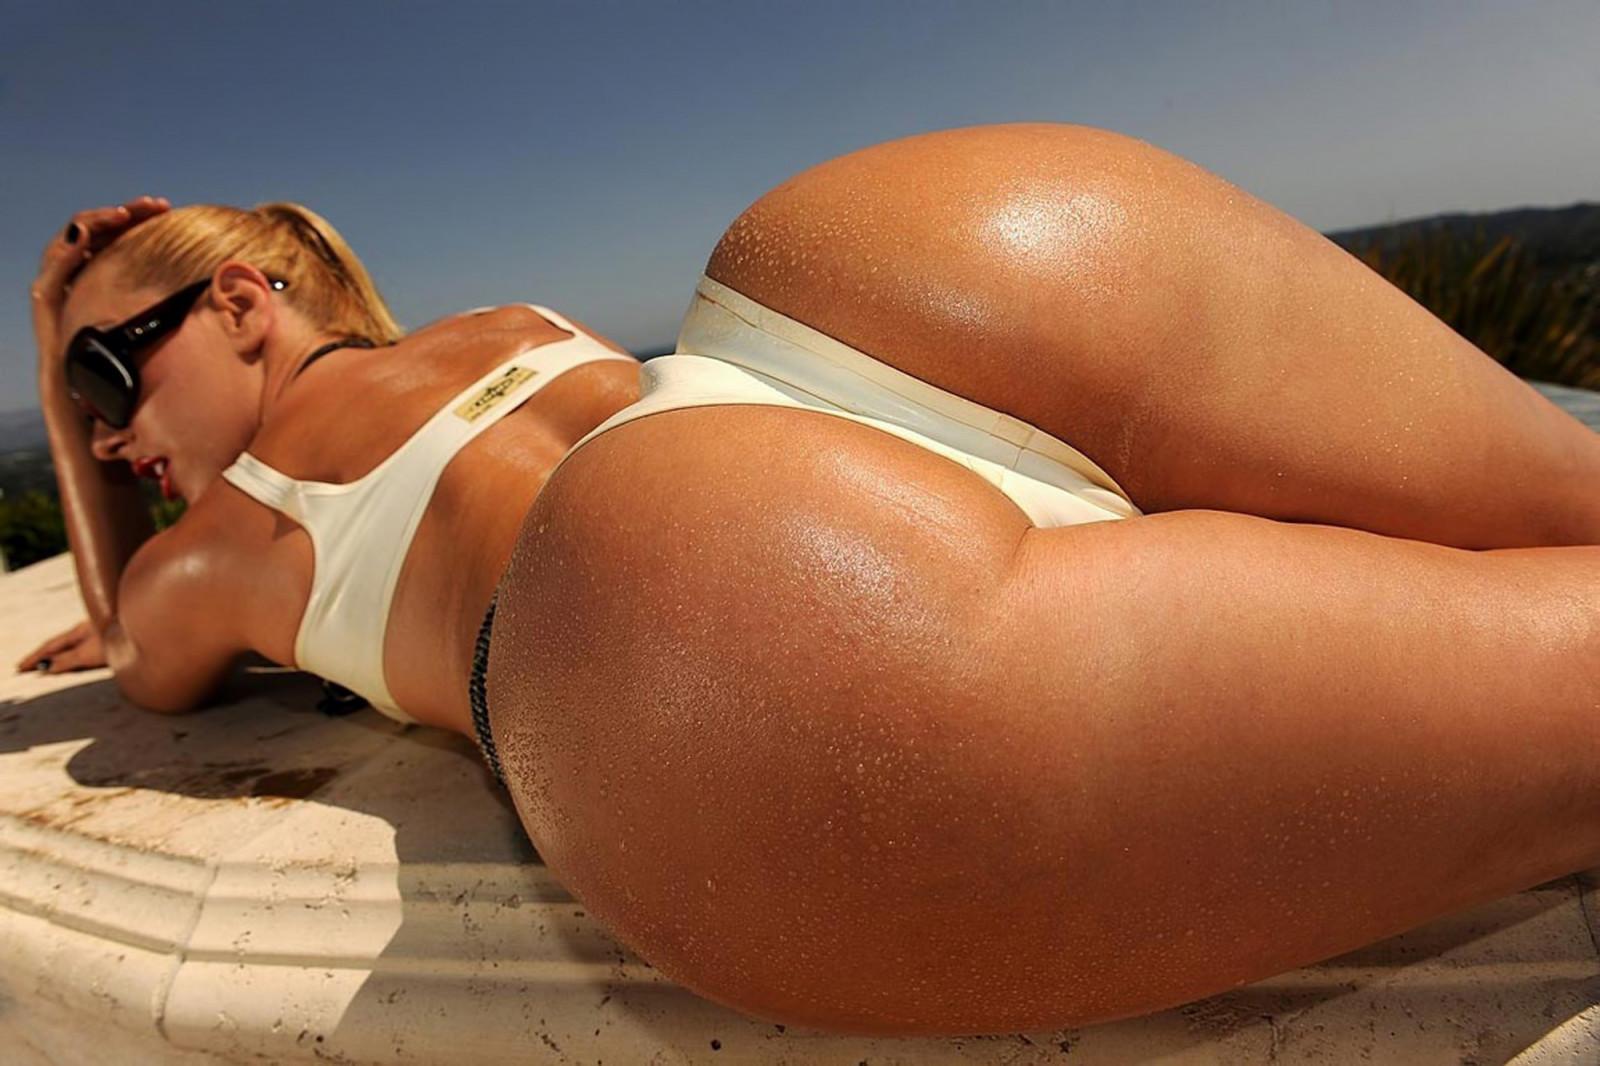 Самое огромное очко в бикини, фото блондинки у зеркала в отражении в нижнем белье